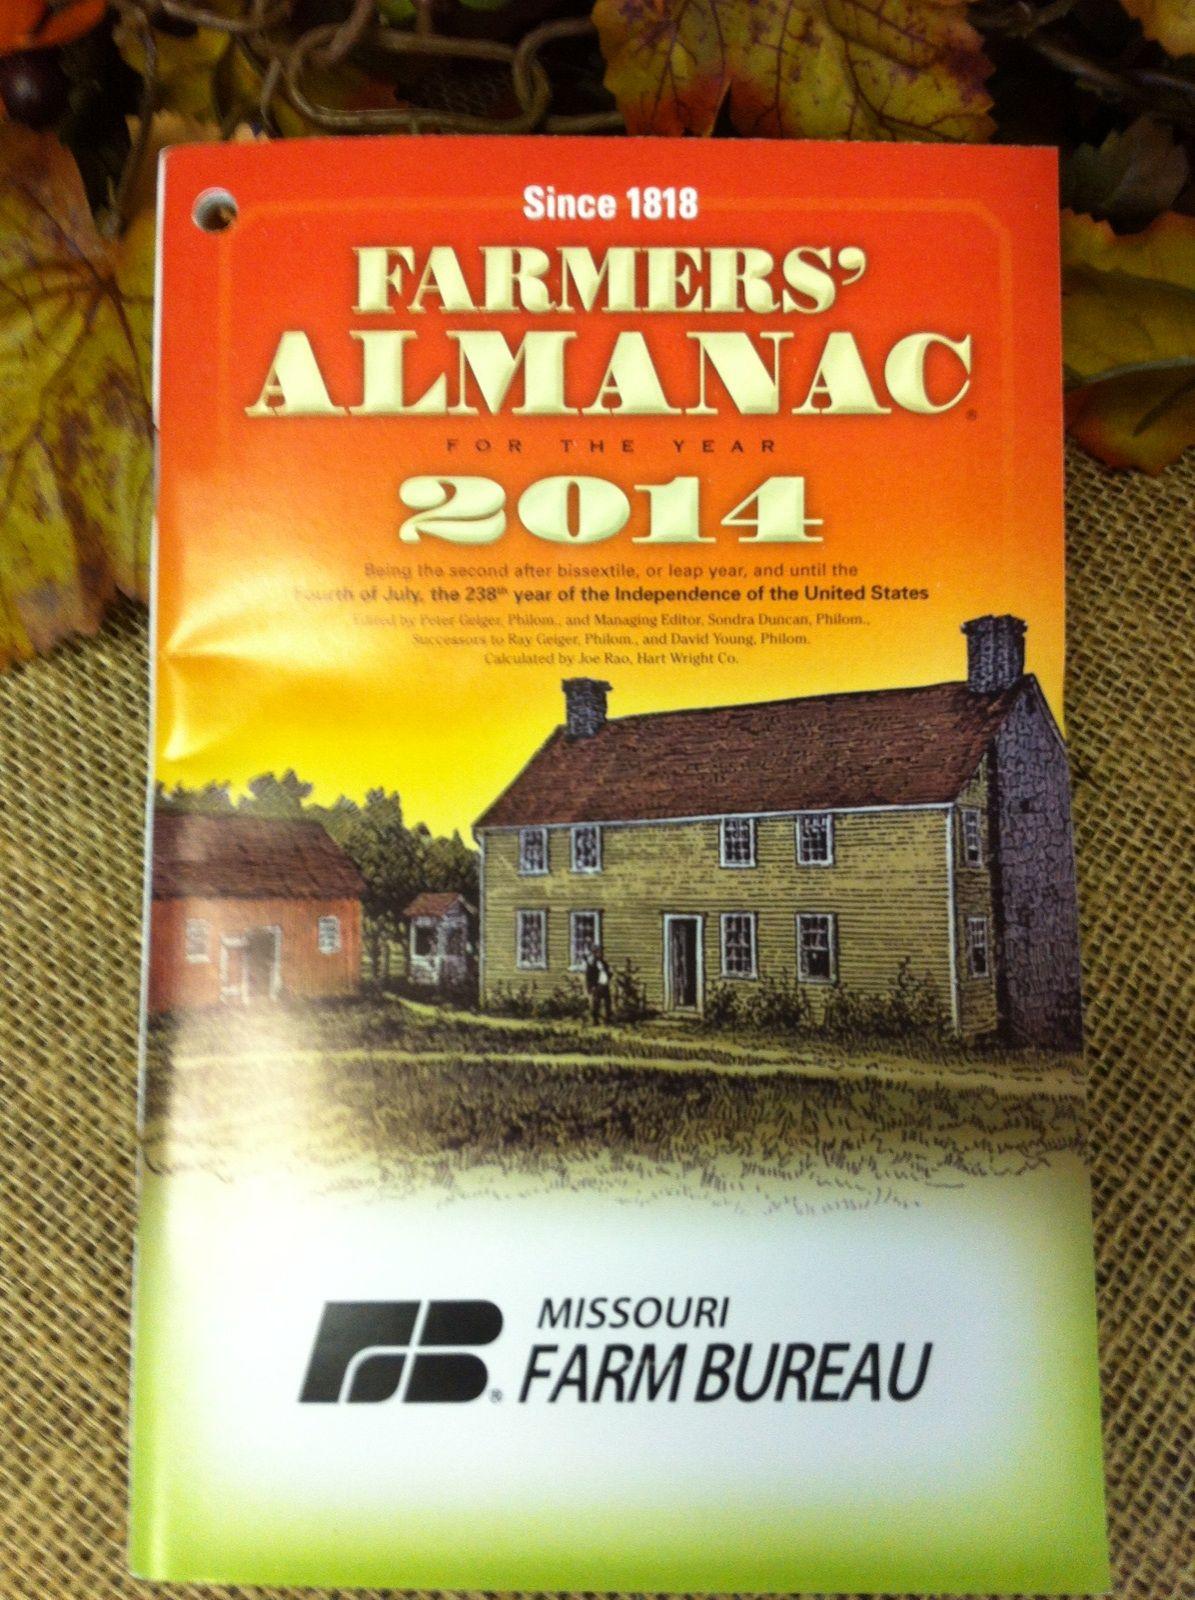 2014 missouri farm bureau almanac farm farmers almanac